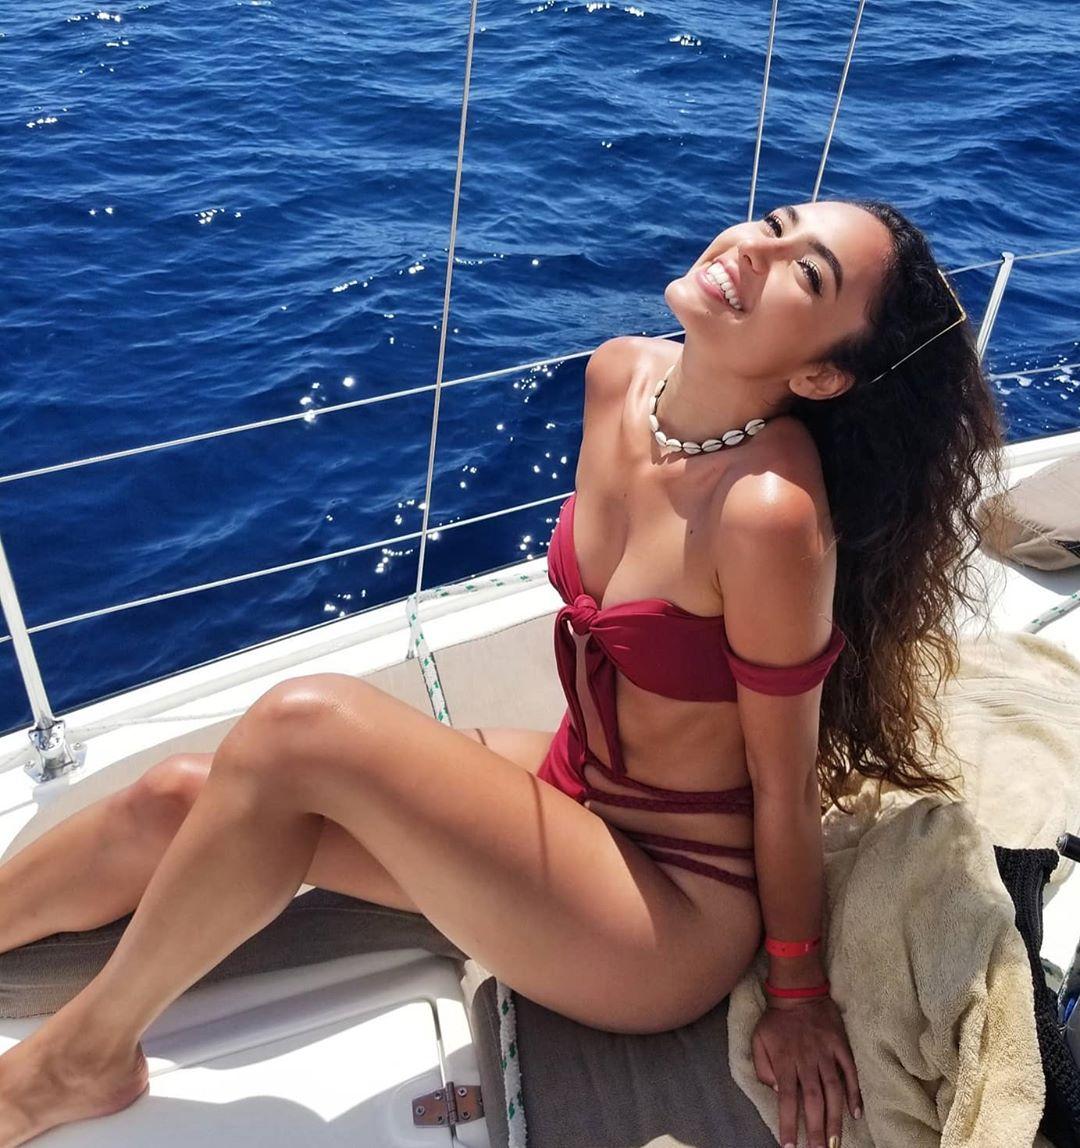 karolina vidales, candidata a miss mexico 2020, representando michoacan. - Página 2 91322210